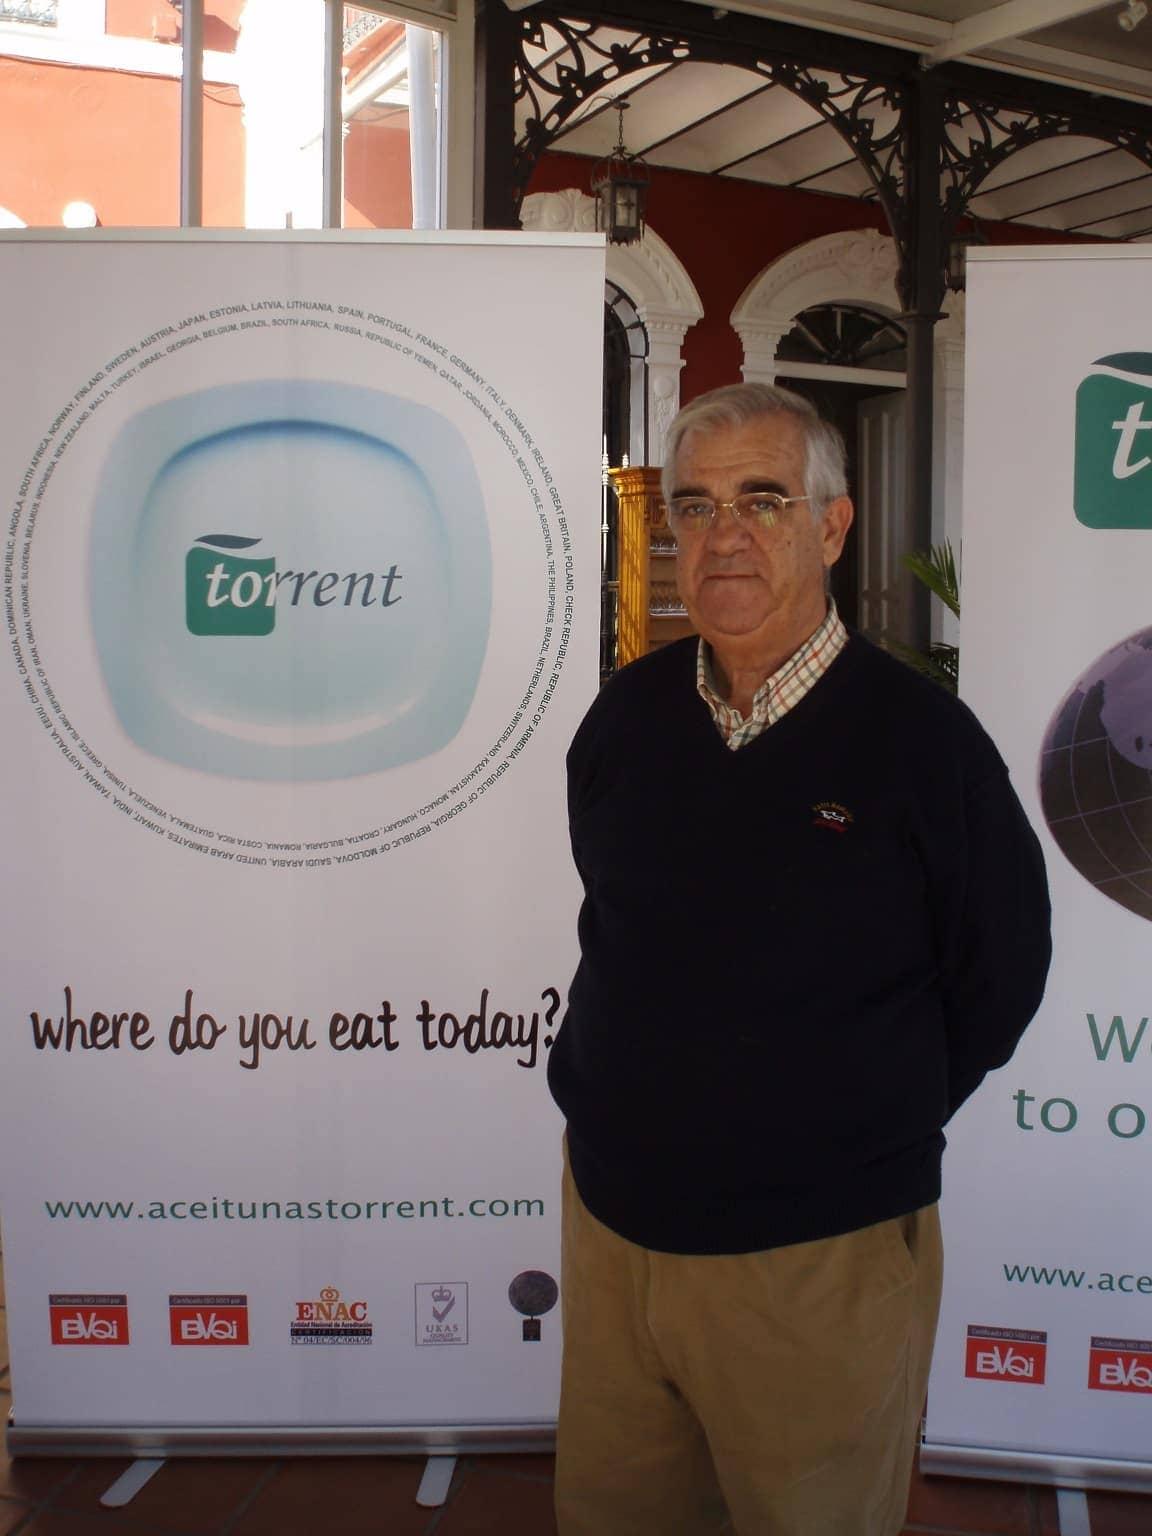 Francisco Torrent Béjar